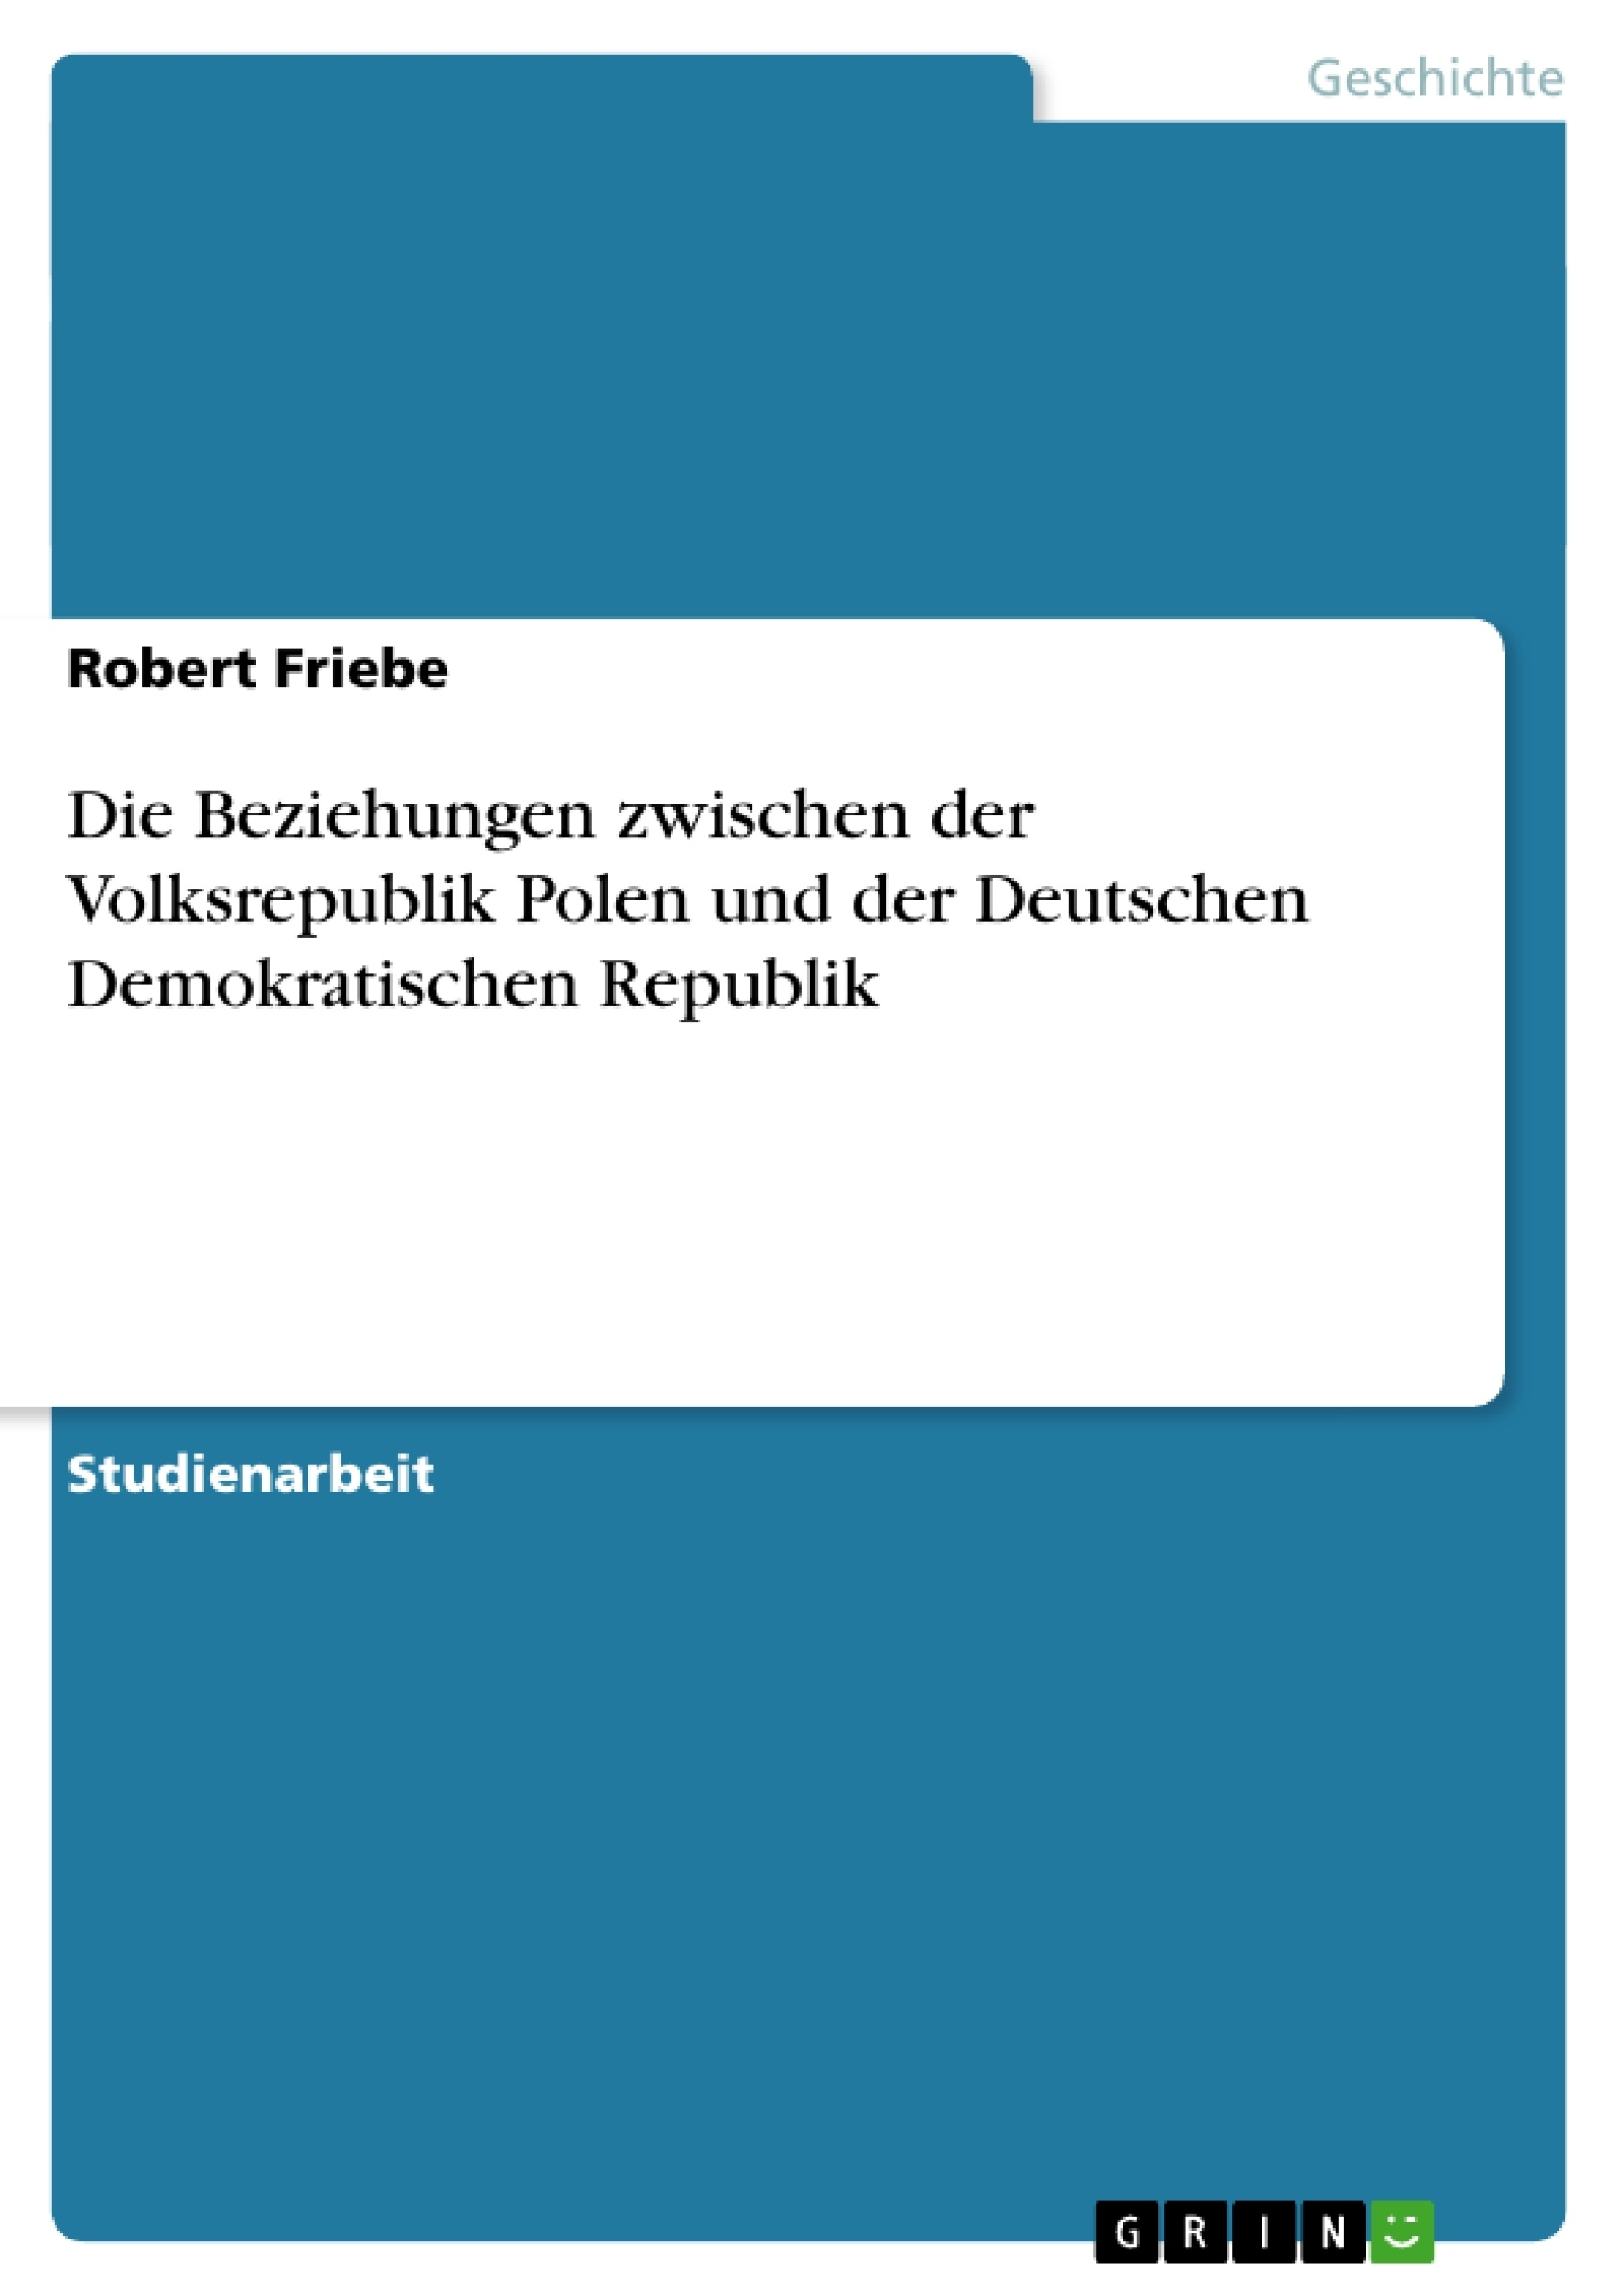 Titel: Die Beziehungen zwischen der Volksrepublik Polen und der Deutschen Demokratischen Republik